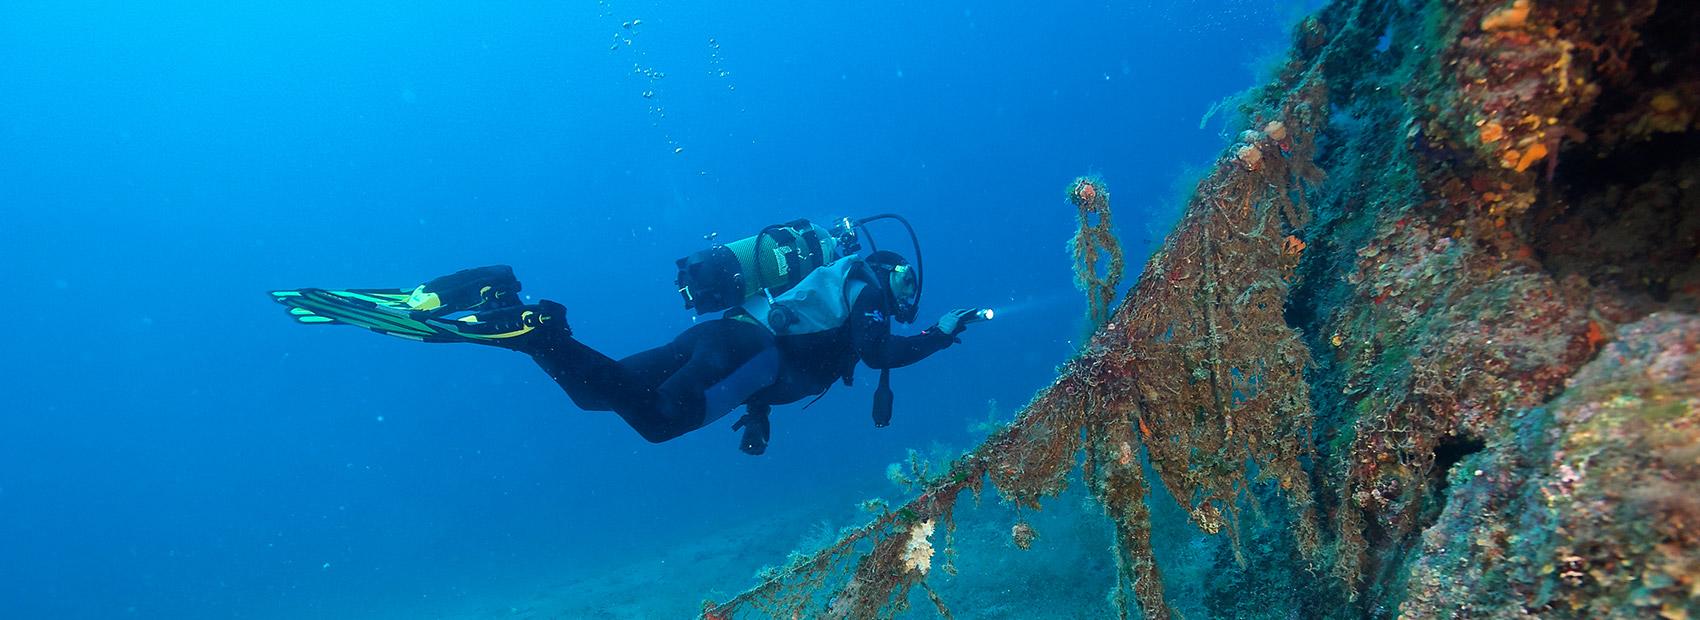 steilwand selbstständig tauchen divingcenter spiro sub elba